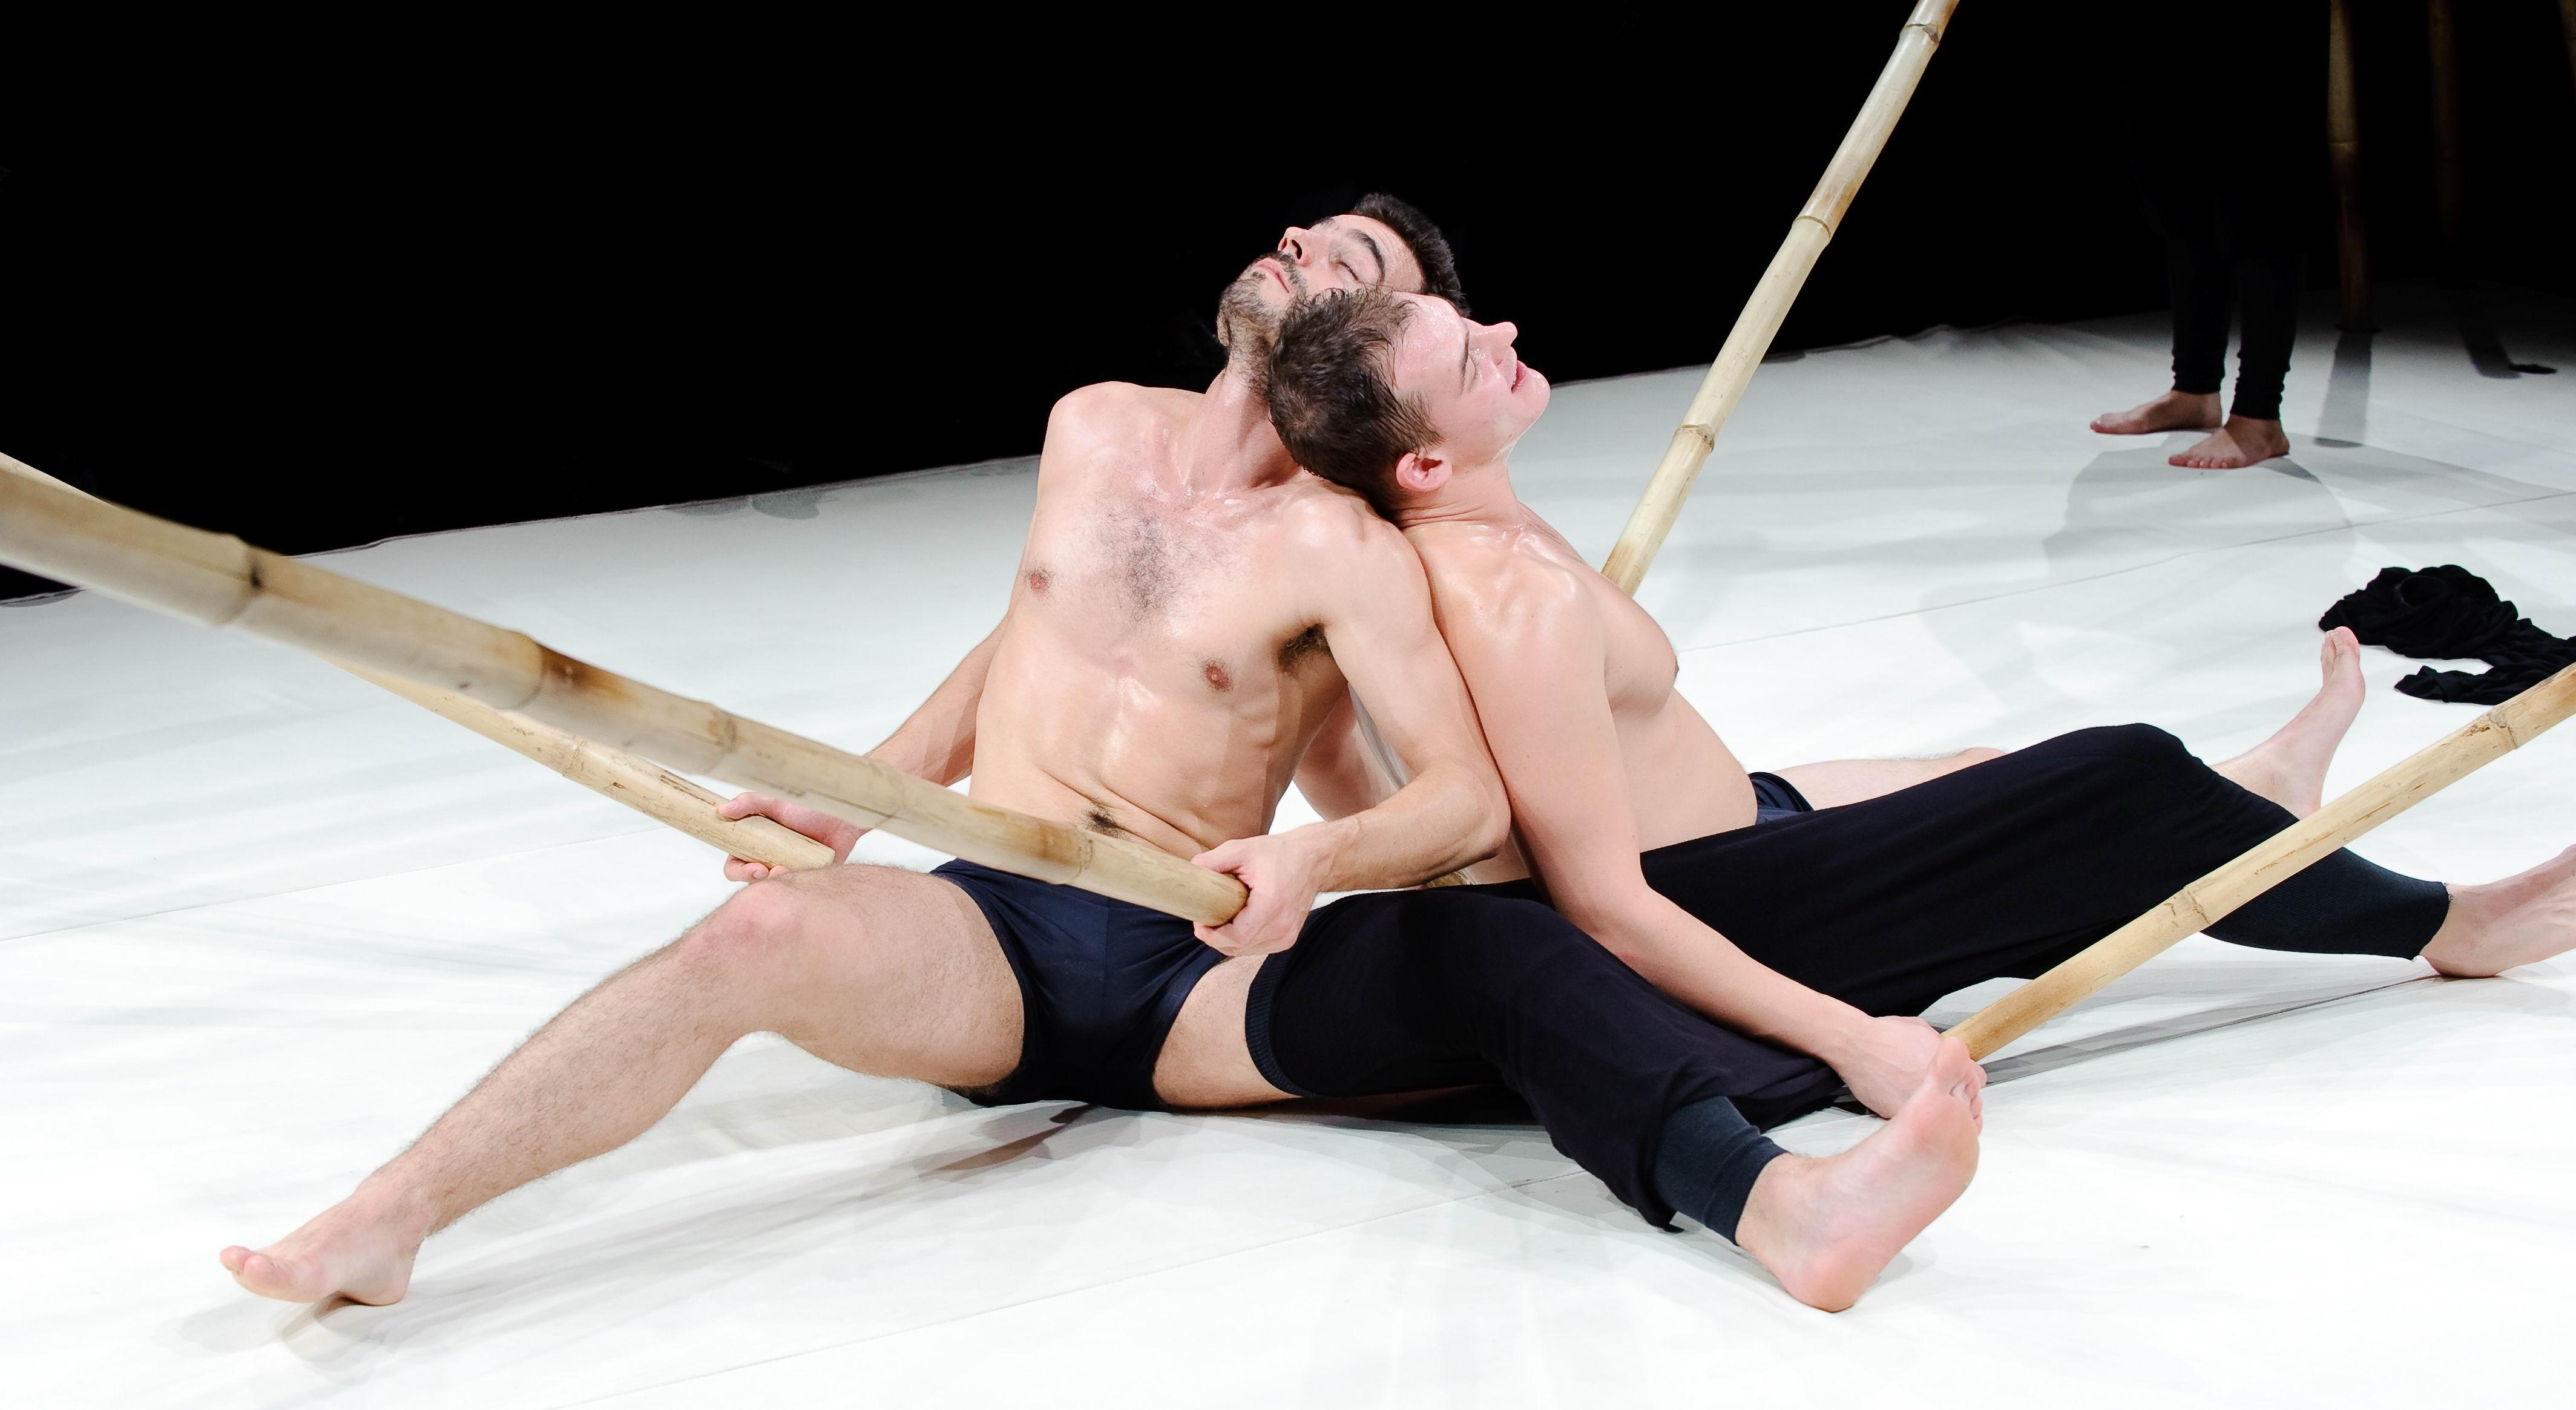 Leonce i Lena, reż. Zoltán Balázs (fot. kotipas)